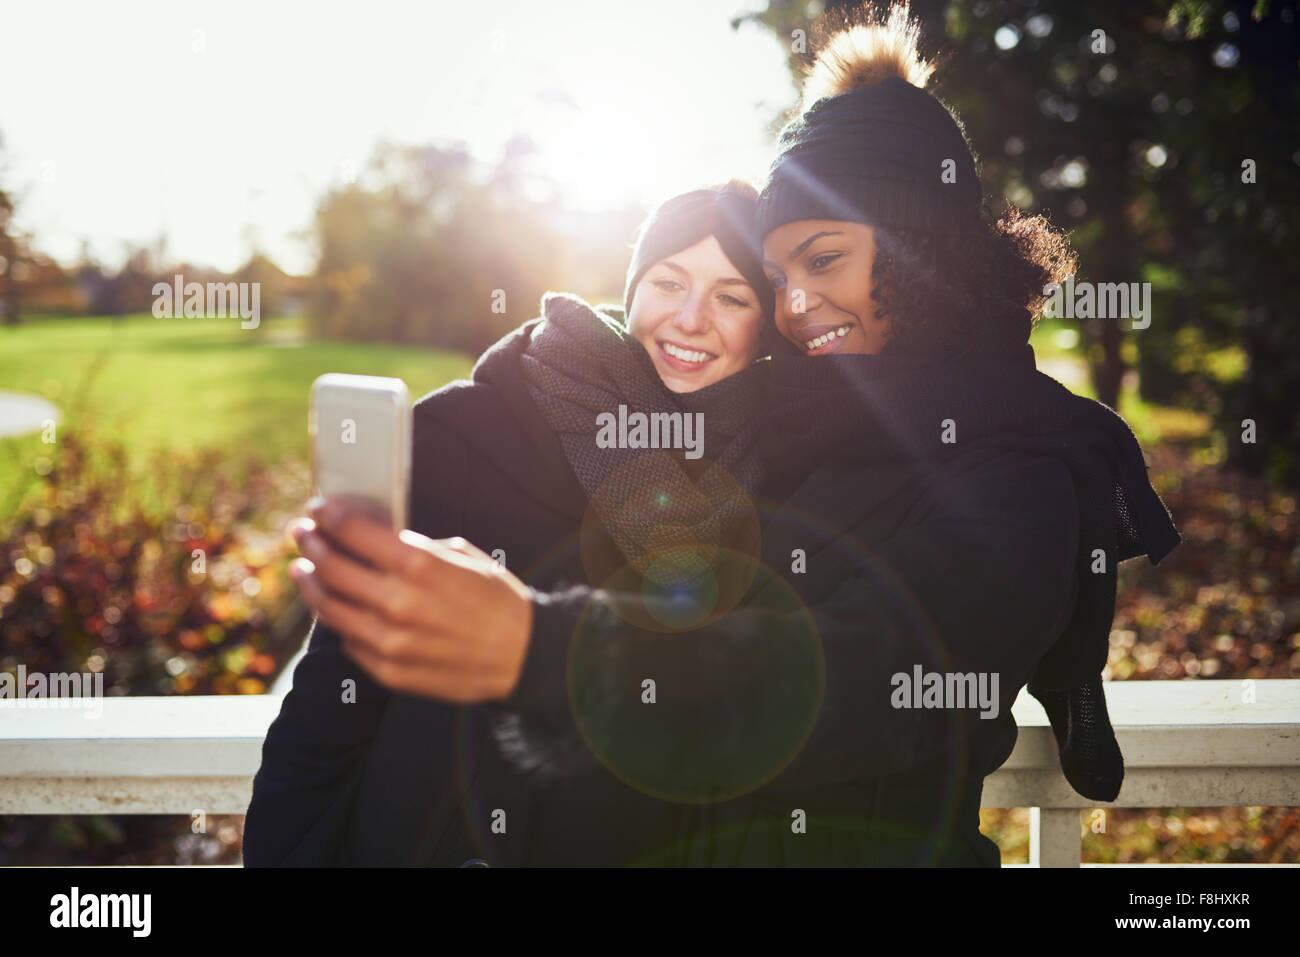 Deux jeunes femmes prenant sourire contre des selfies autumnal park Photo Stock